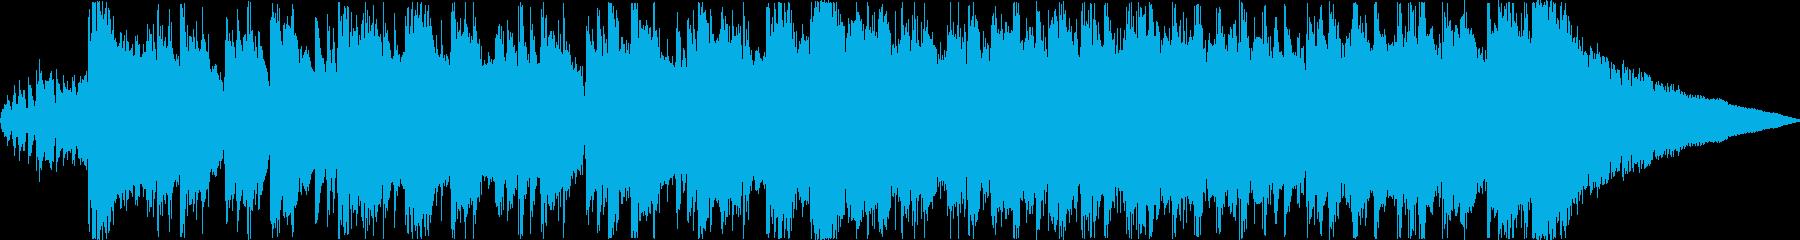 速くて楽しいインディーロックトラッ...の再生済みの波形